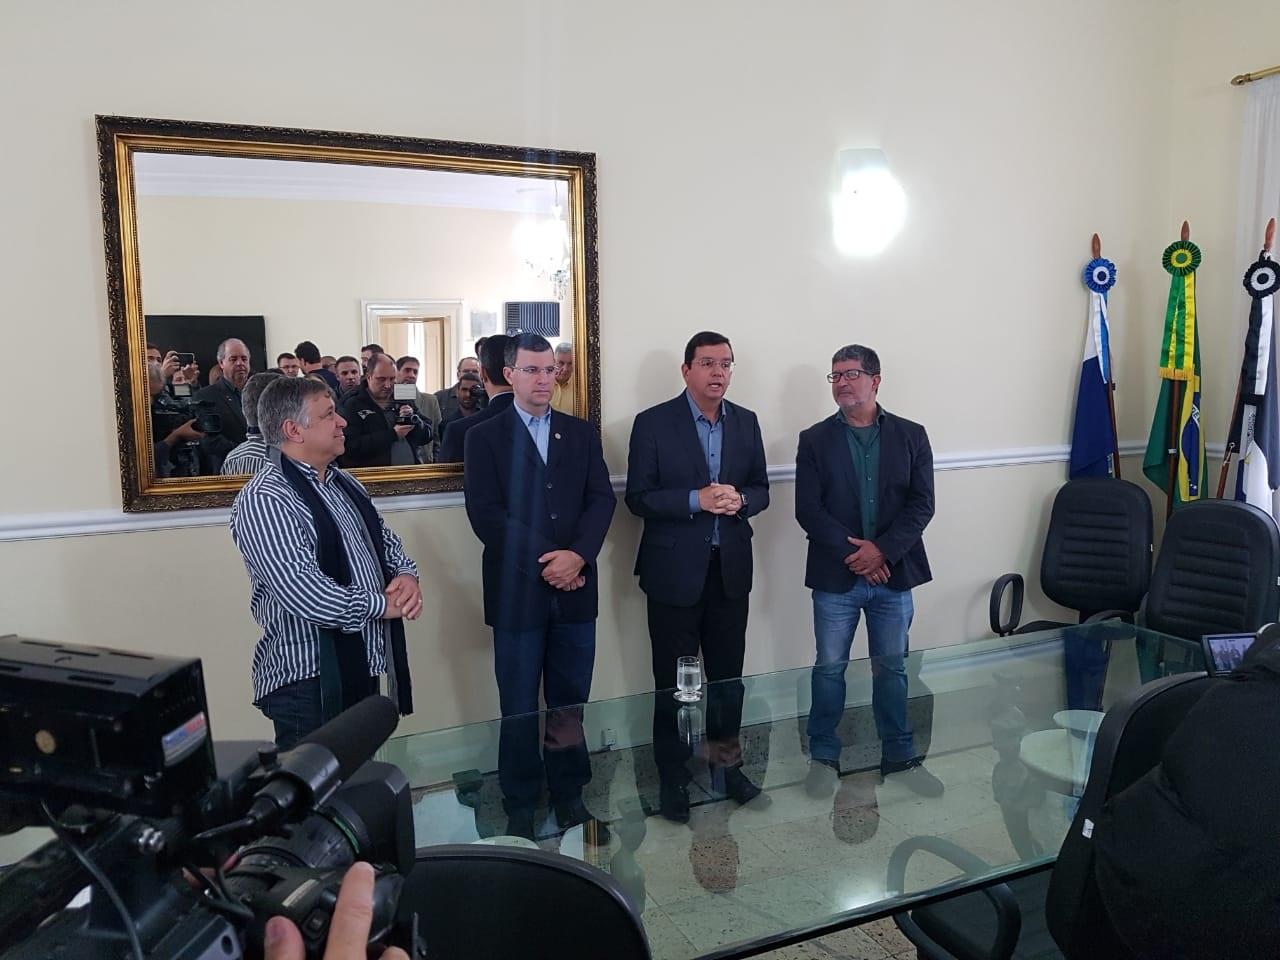 Na transmissão do cargo, o empresário Olney Botelho, o vereador Alexandre Cruz, Renato e Marcelo (Foto: Alerrandre Barros)